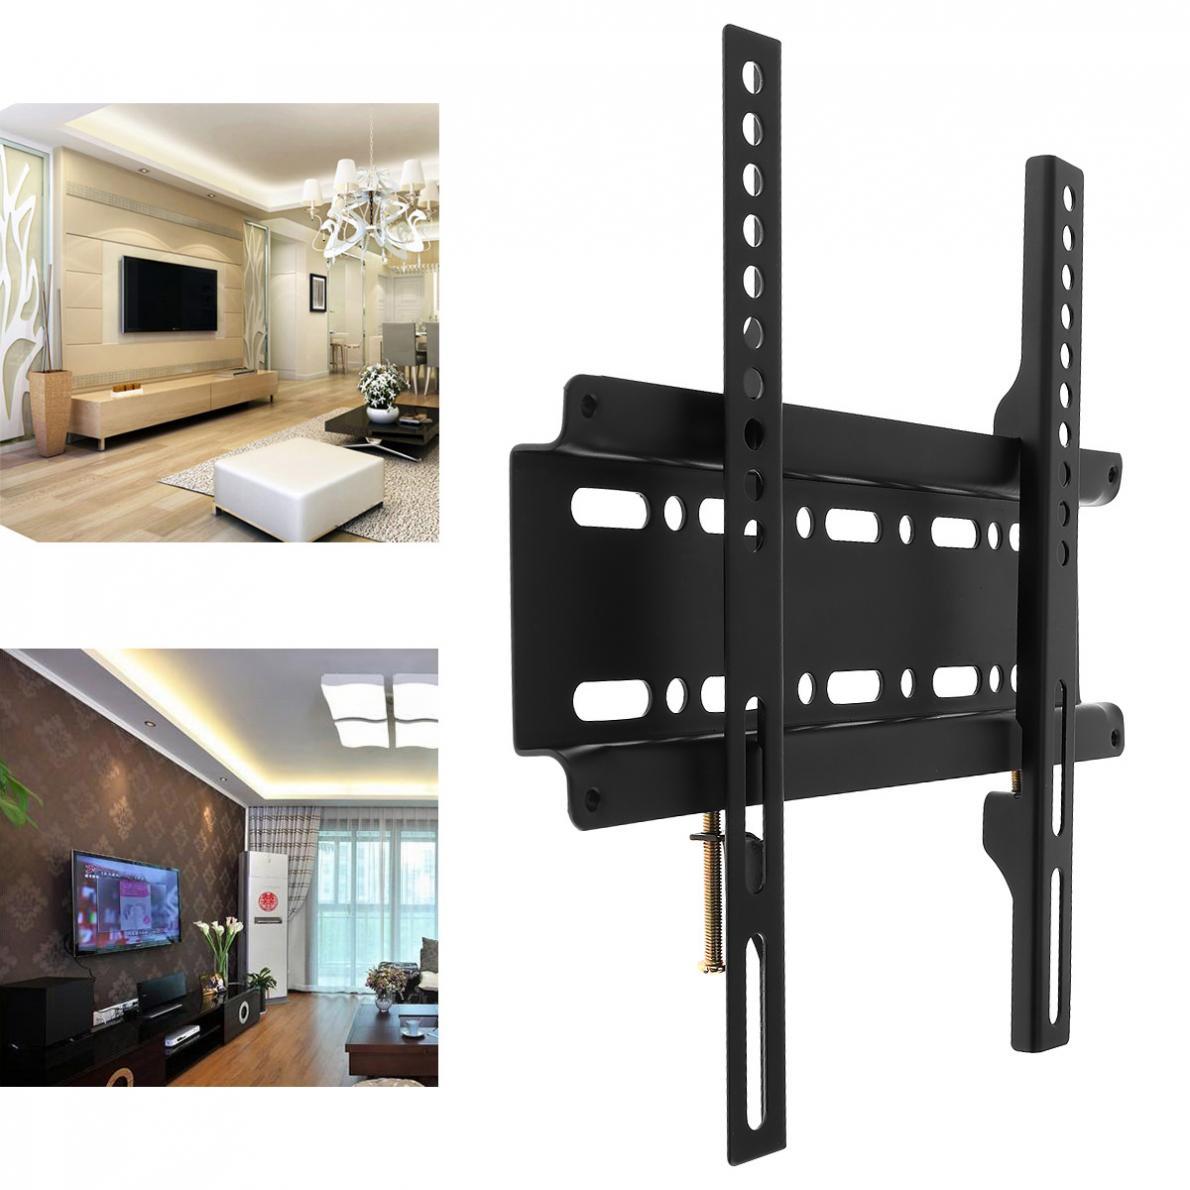 Support de montage mural universel TV cadre TV pour 12-37 pouces LCD moniteur LED écran plat Plasma HDTV support de meuble TV